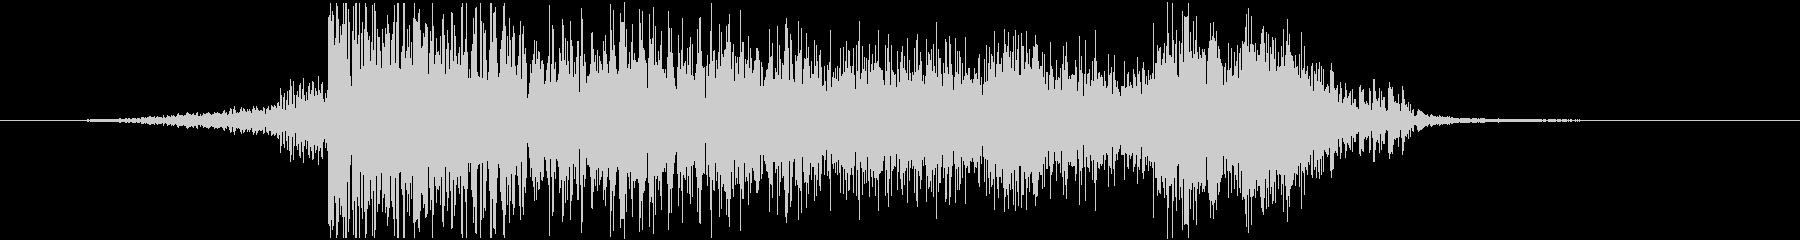 【ジングル】広がる未来~壮大で都会的な音の未再生の波形